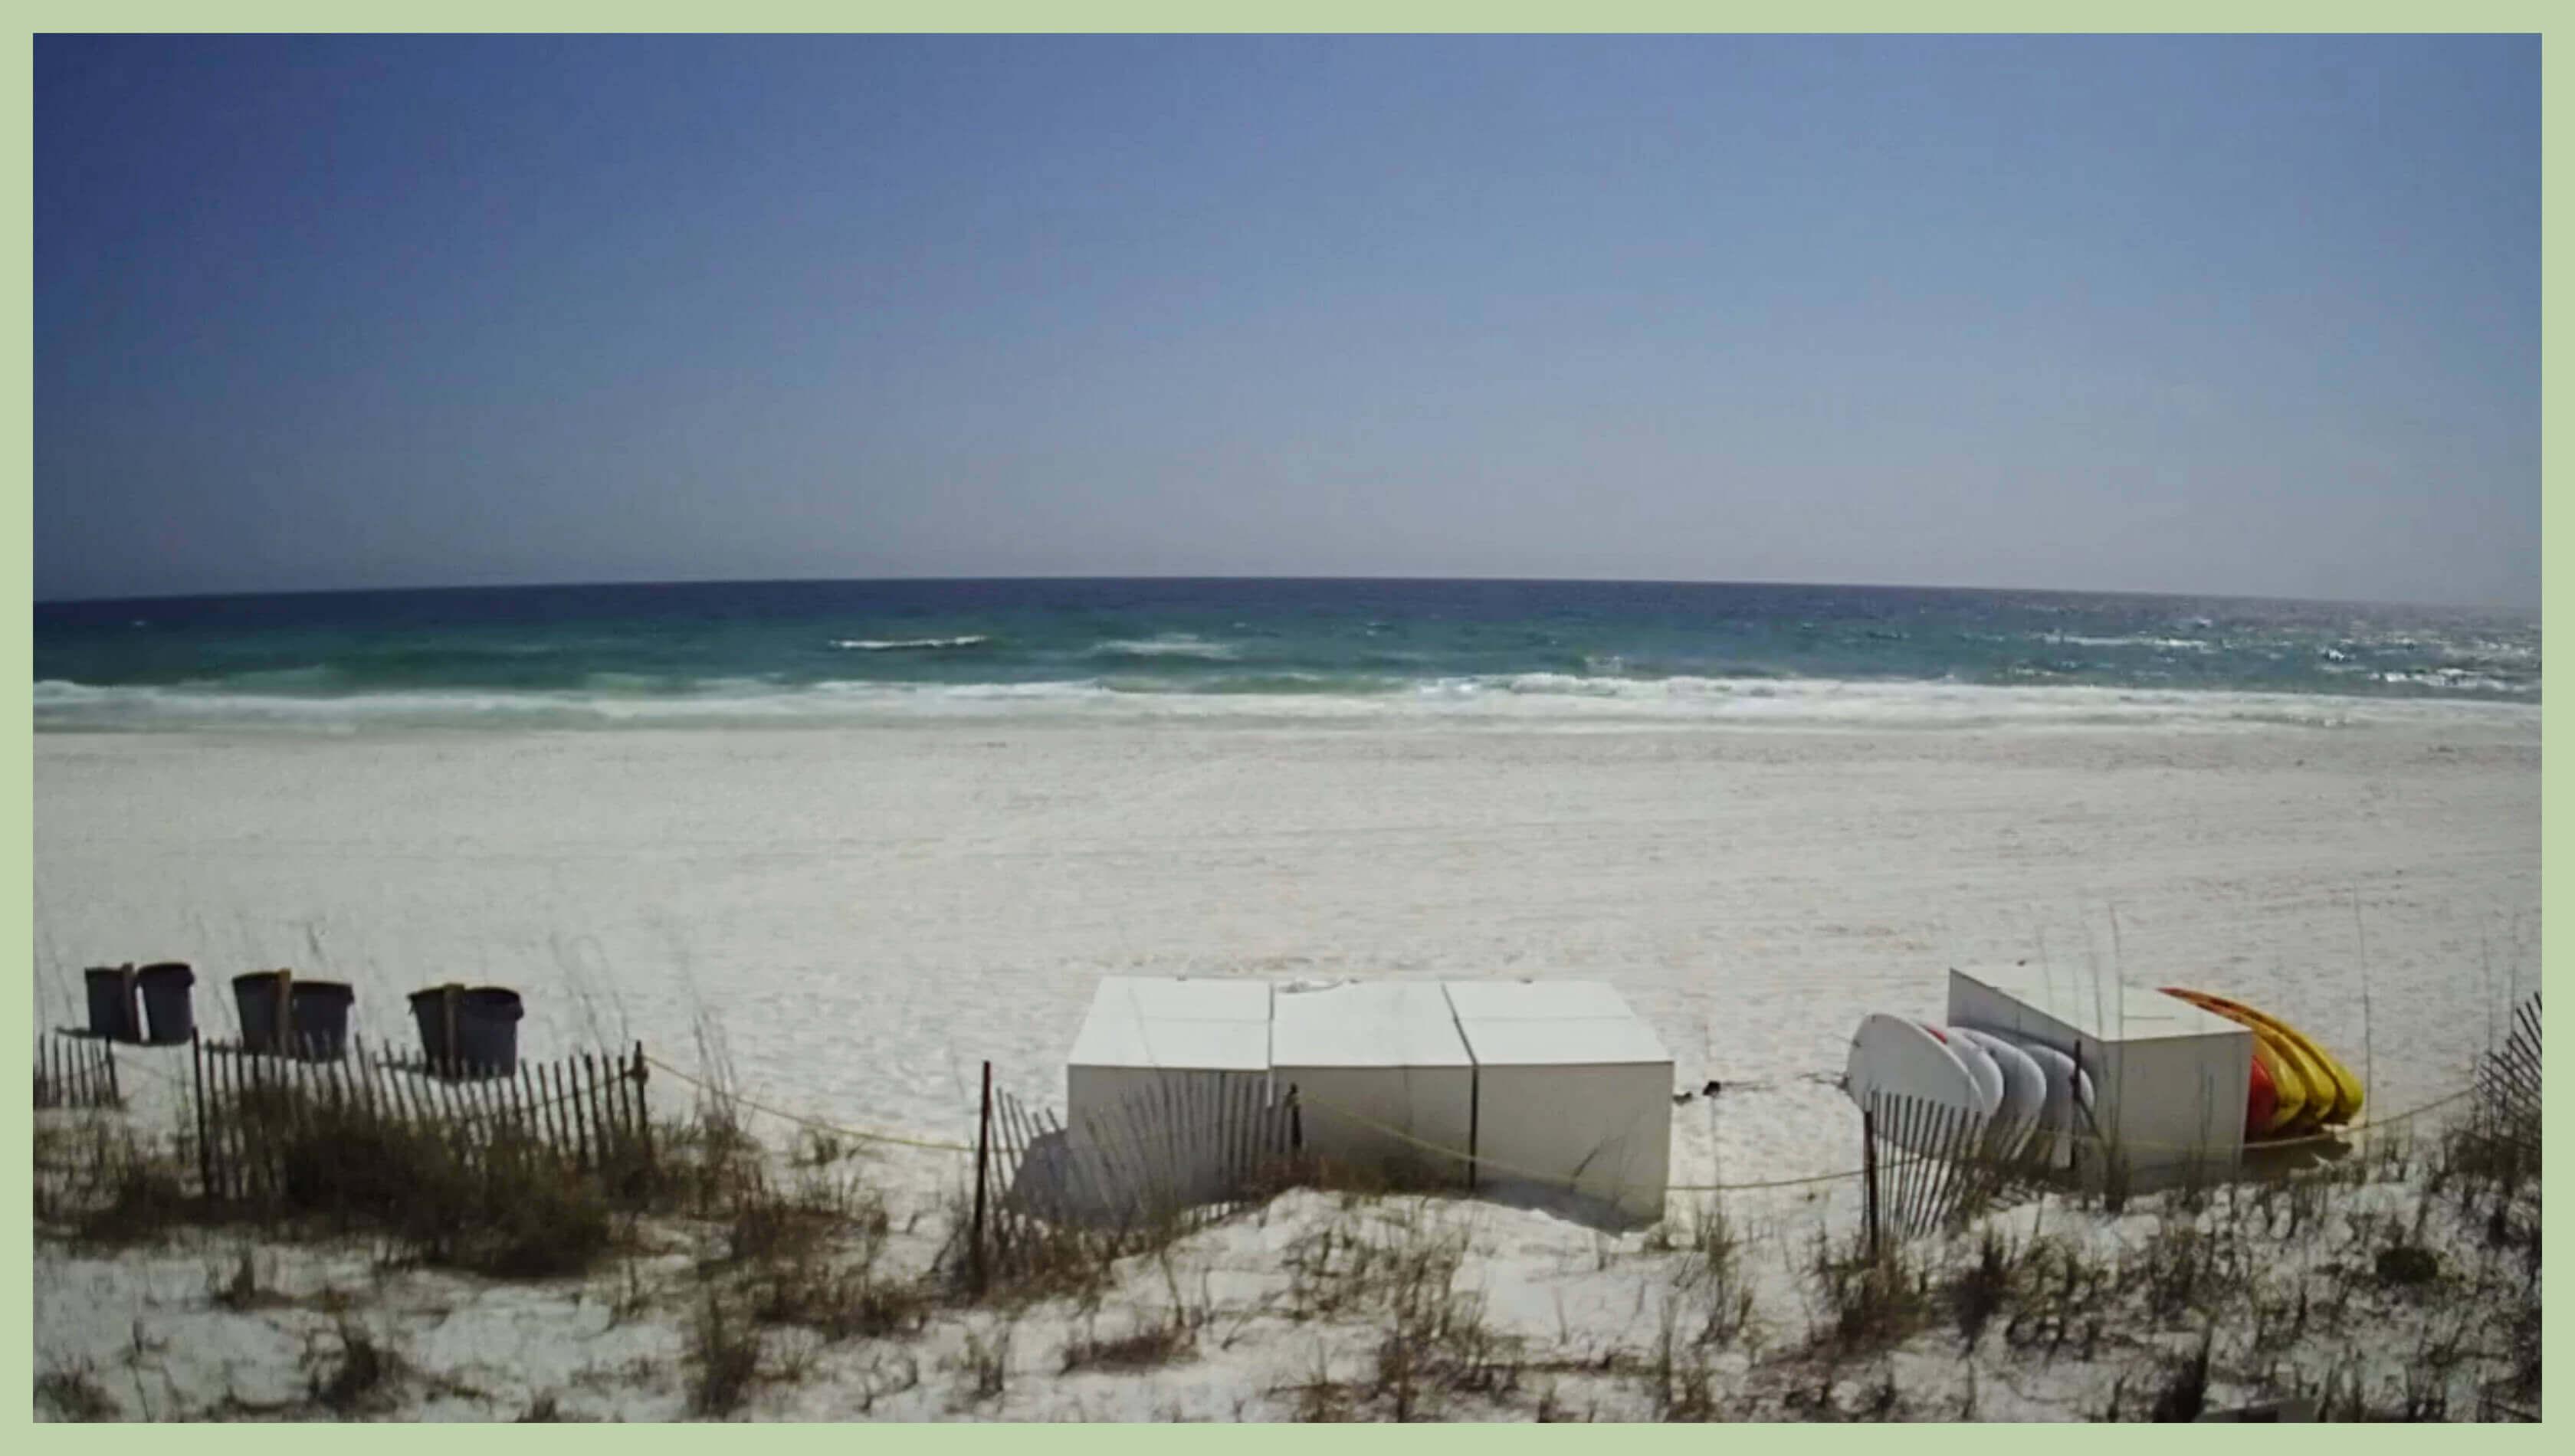 usa_destin_beaches_01